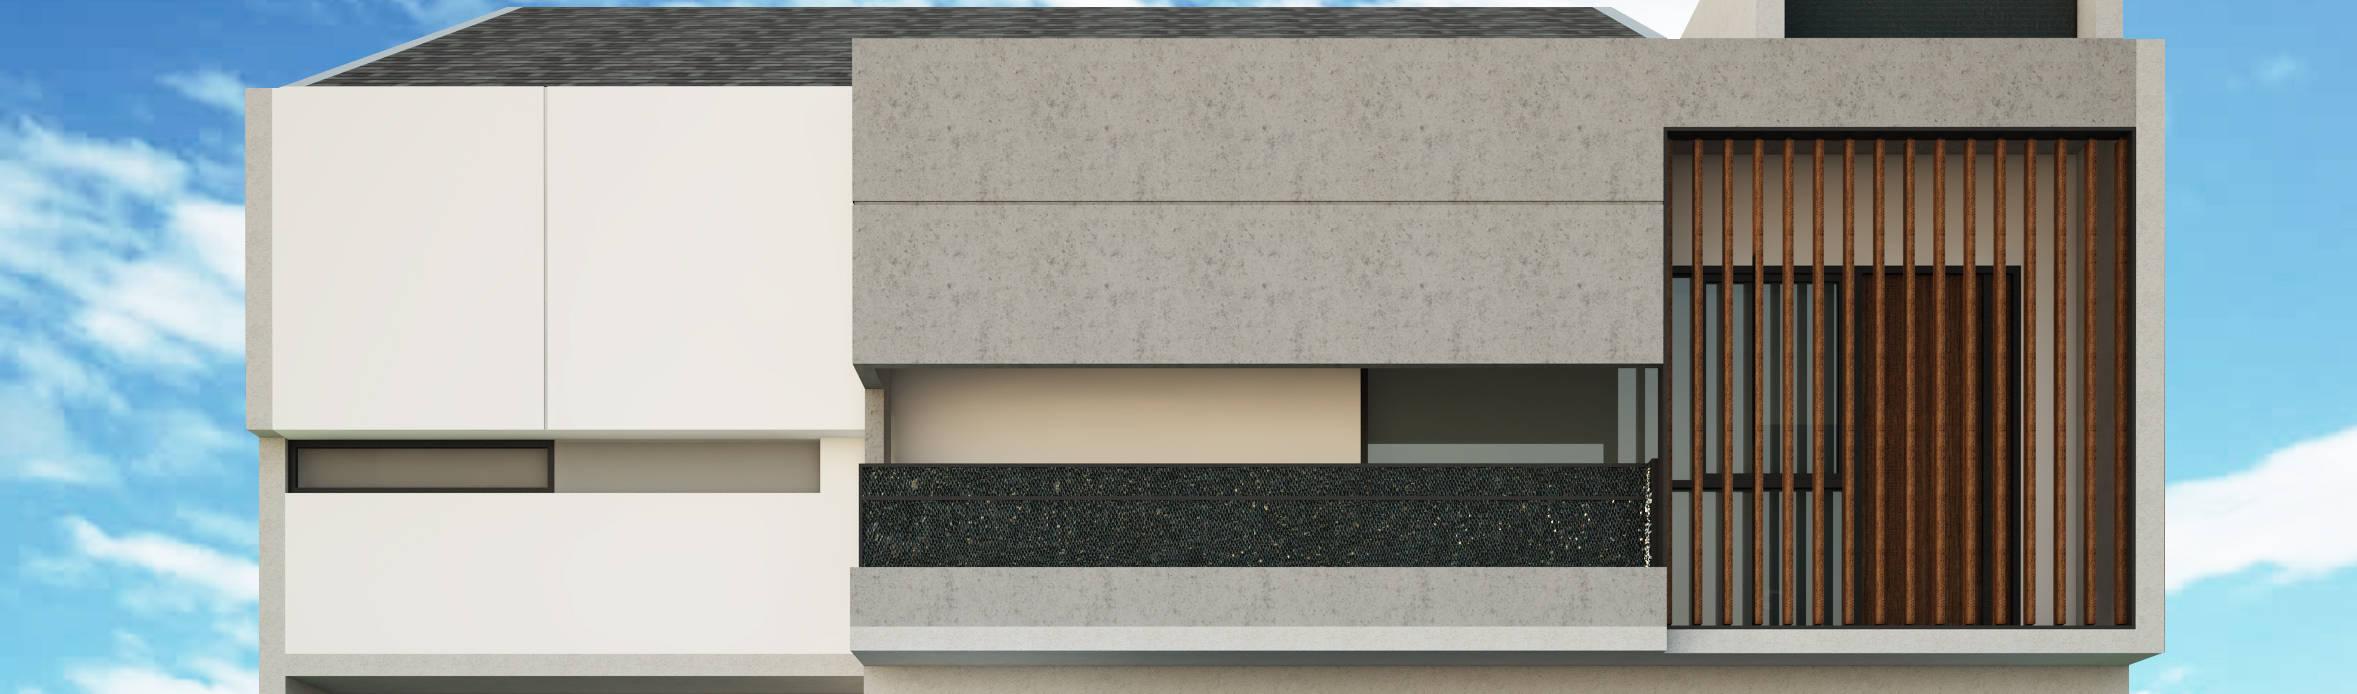 AGRA Architecture